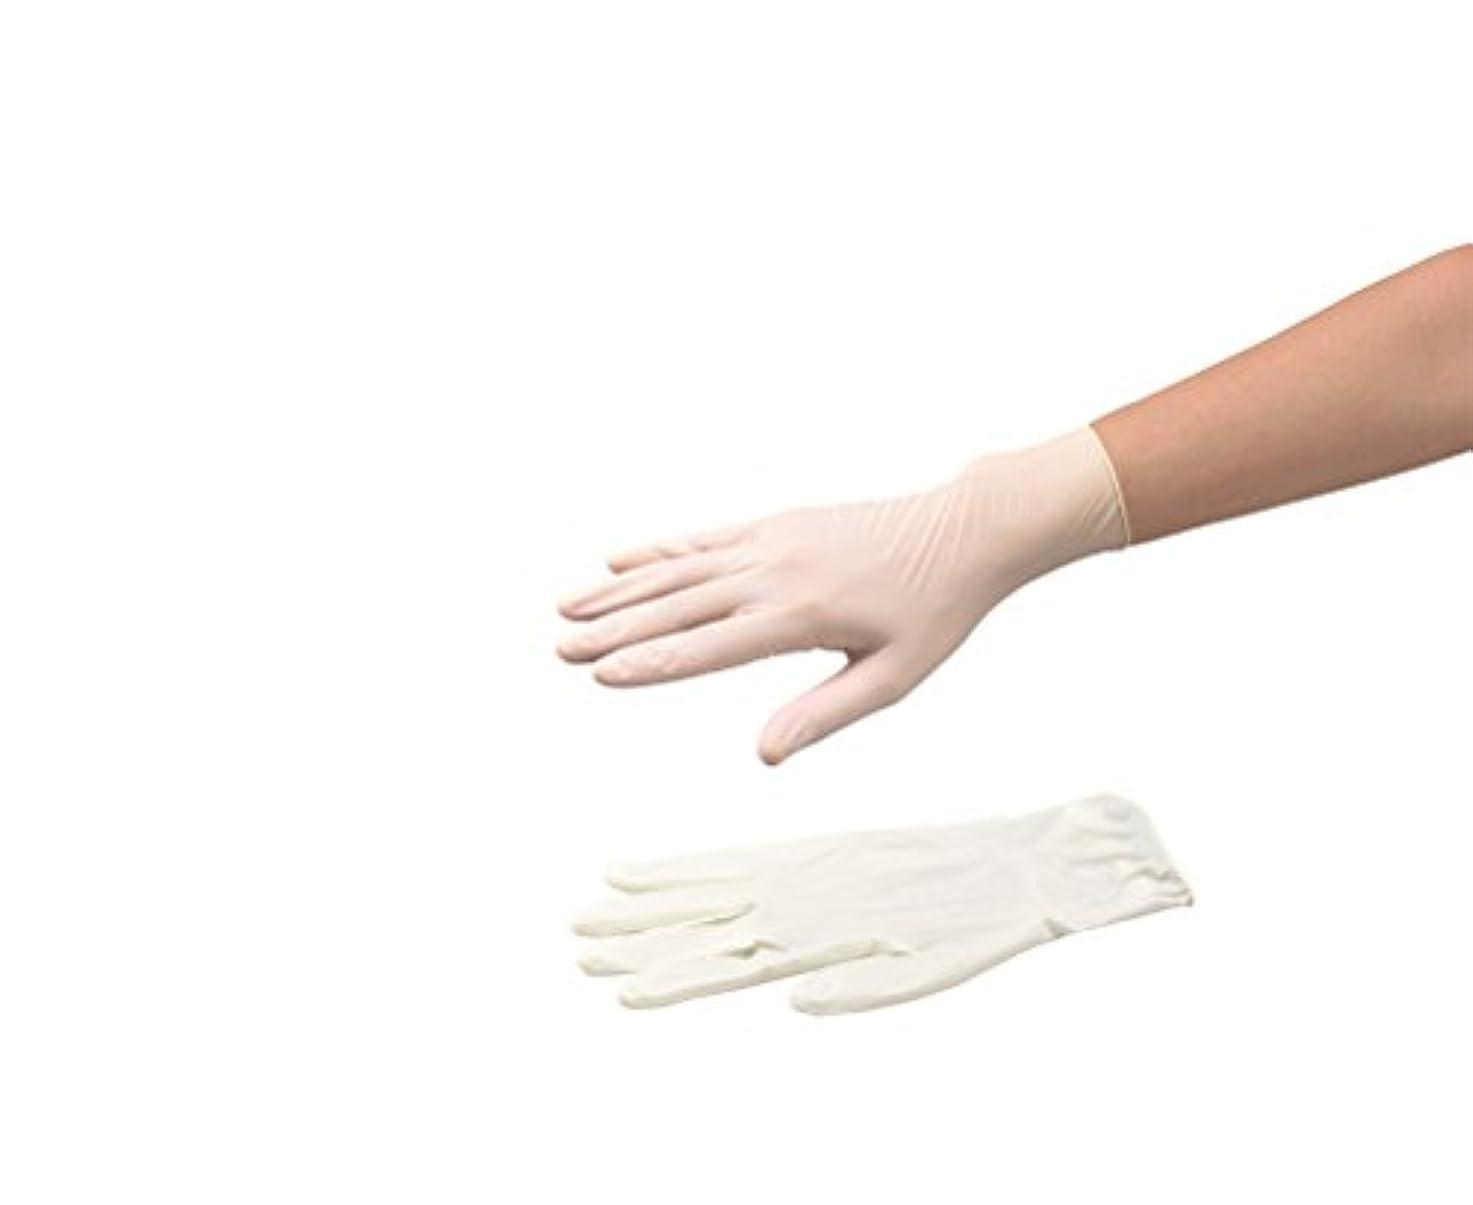 黙に対して囲まれたナビロール手袋(指先エンボス?エコノミータイプ?パウダー付) SS 1箱(100枚入) /8-9970-04